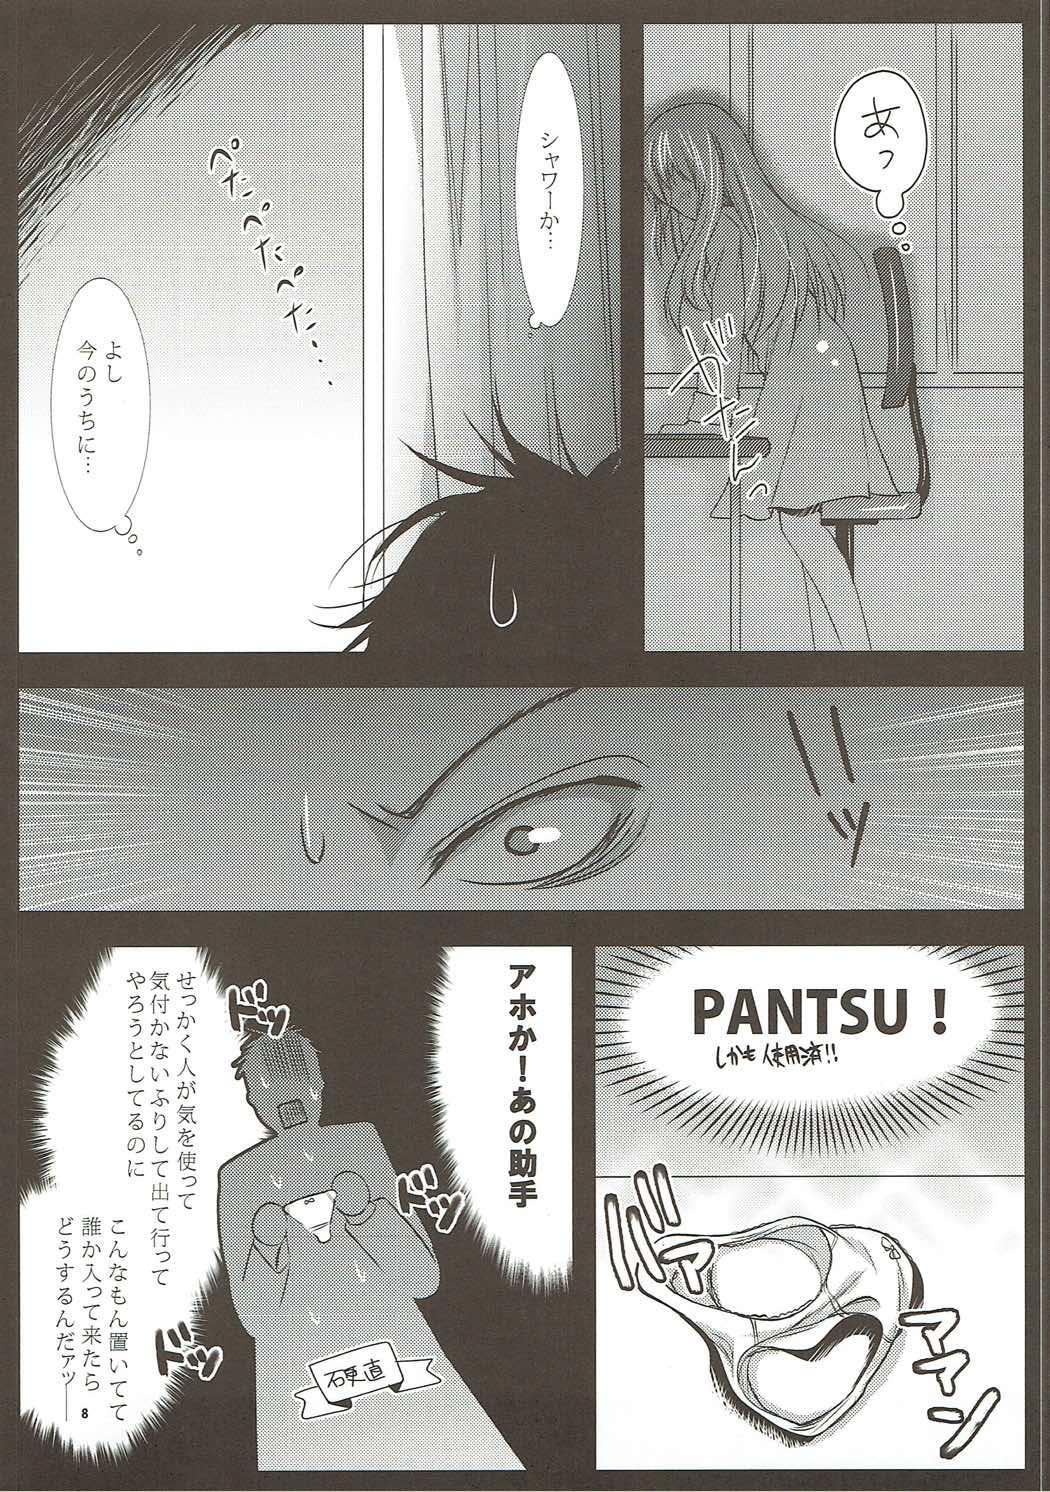 Ore no Joshu no Dere ga Uchouten de Todomaru Koto o Shiranai 6